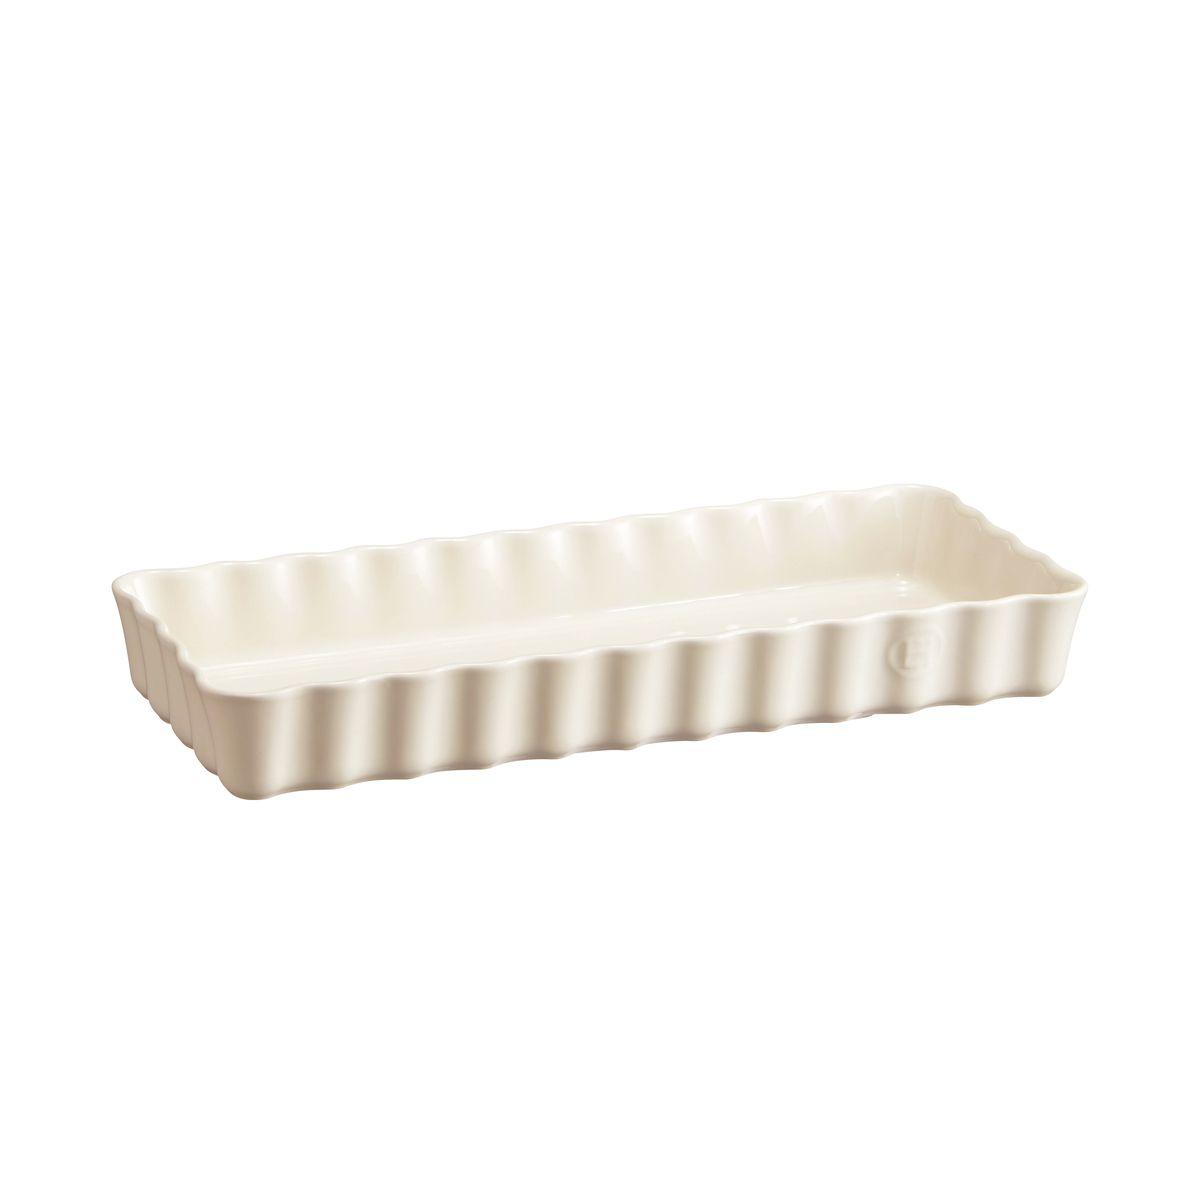 Moule à tarte / tourtière rectangulaire en céramique blanc cassé 36.5 x 15 x 5 cm - Emile Henry